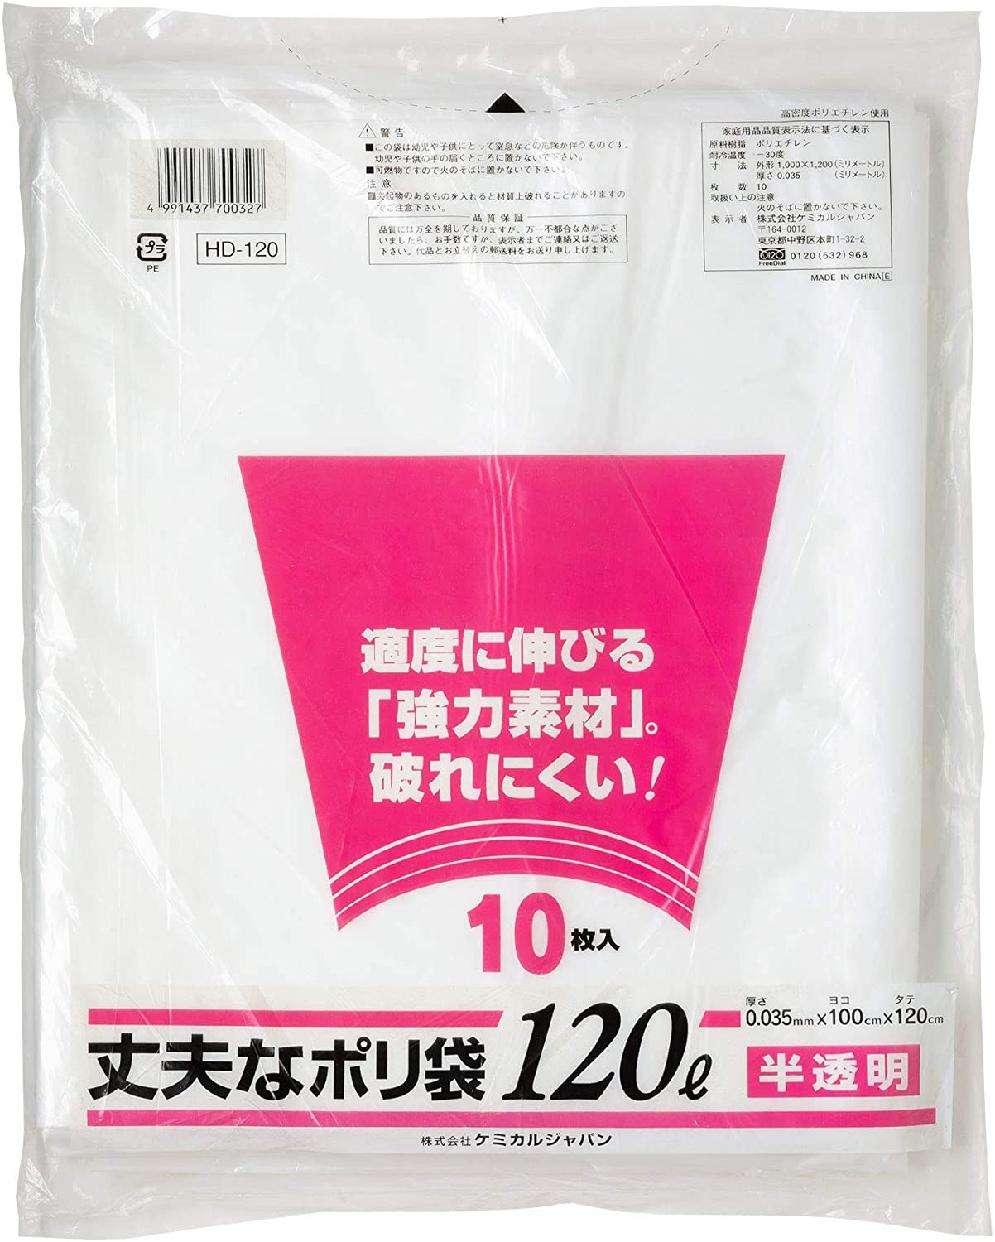 CHEMICAL JAPAN(ケミカルジャパン) 丈夫なポリ袋 HD-120の商品画像